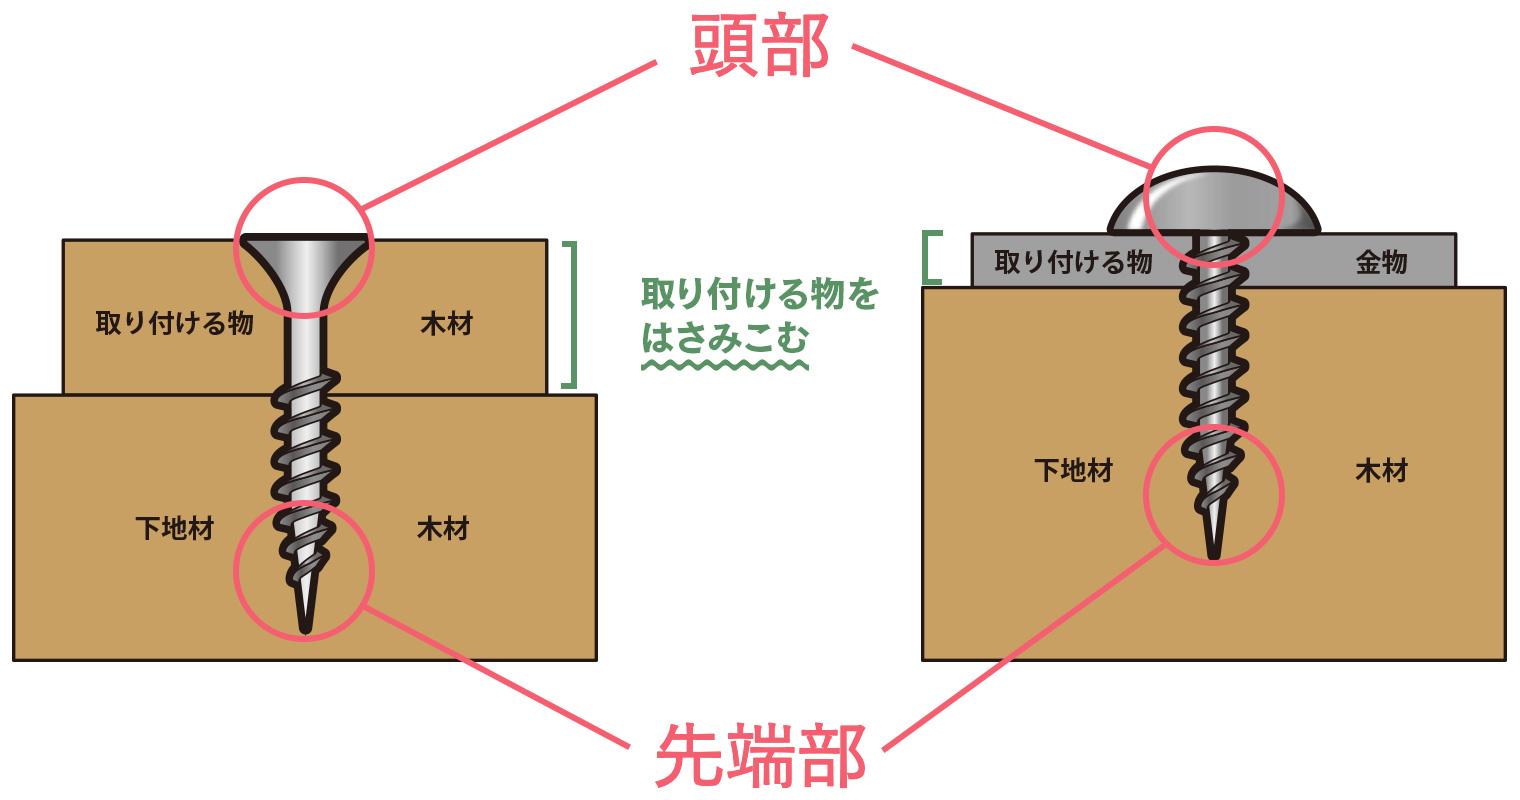 ねじは、取り付け物(木材や金具など)と下地(木材など)を挟み込んで止めるためのもの